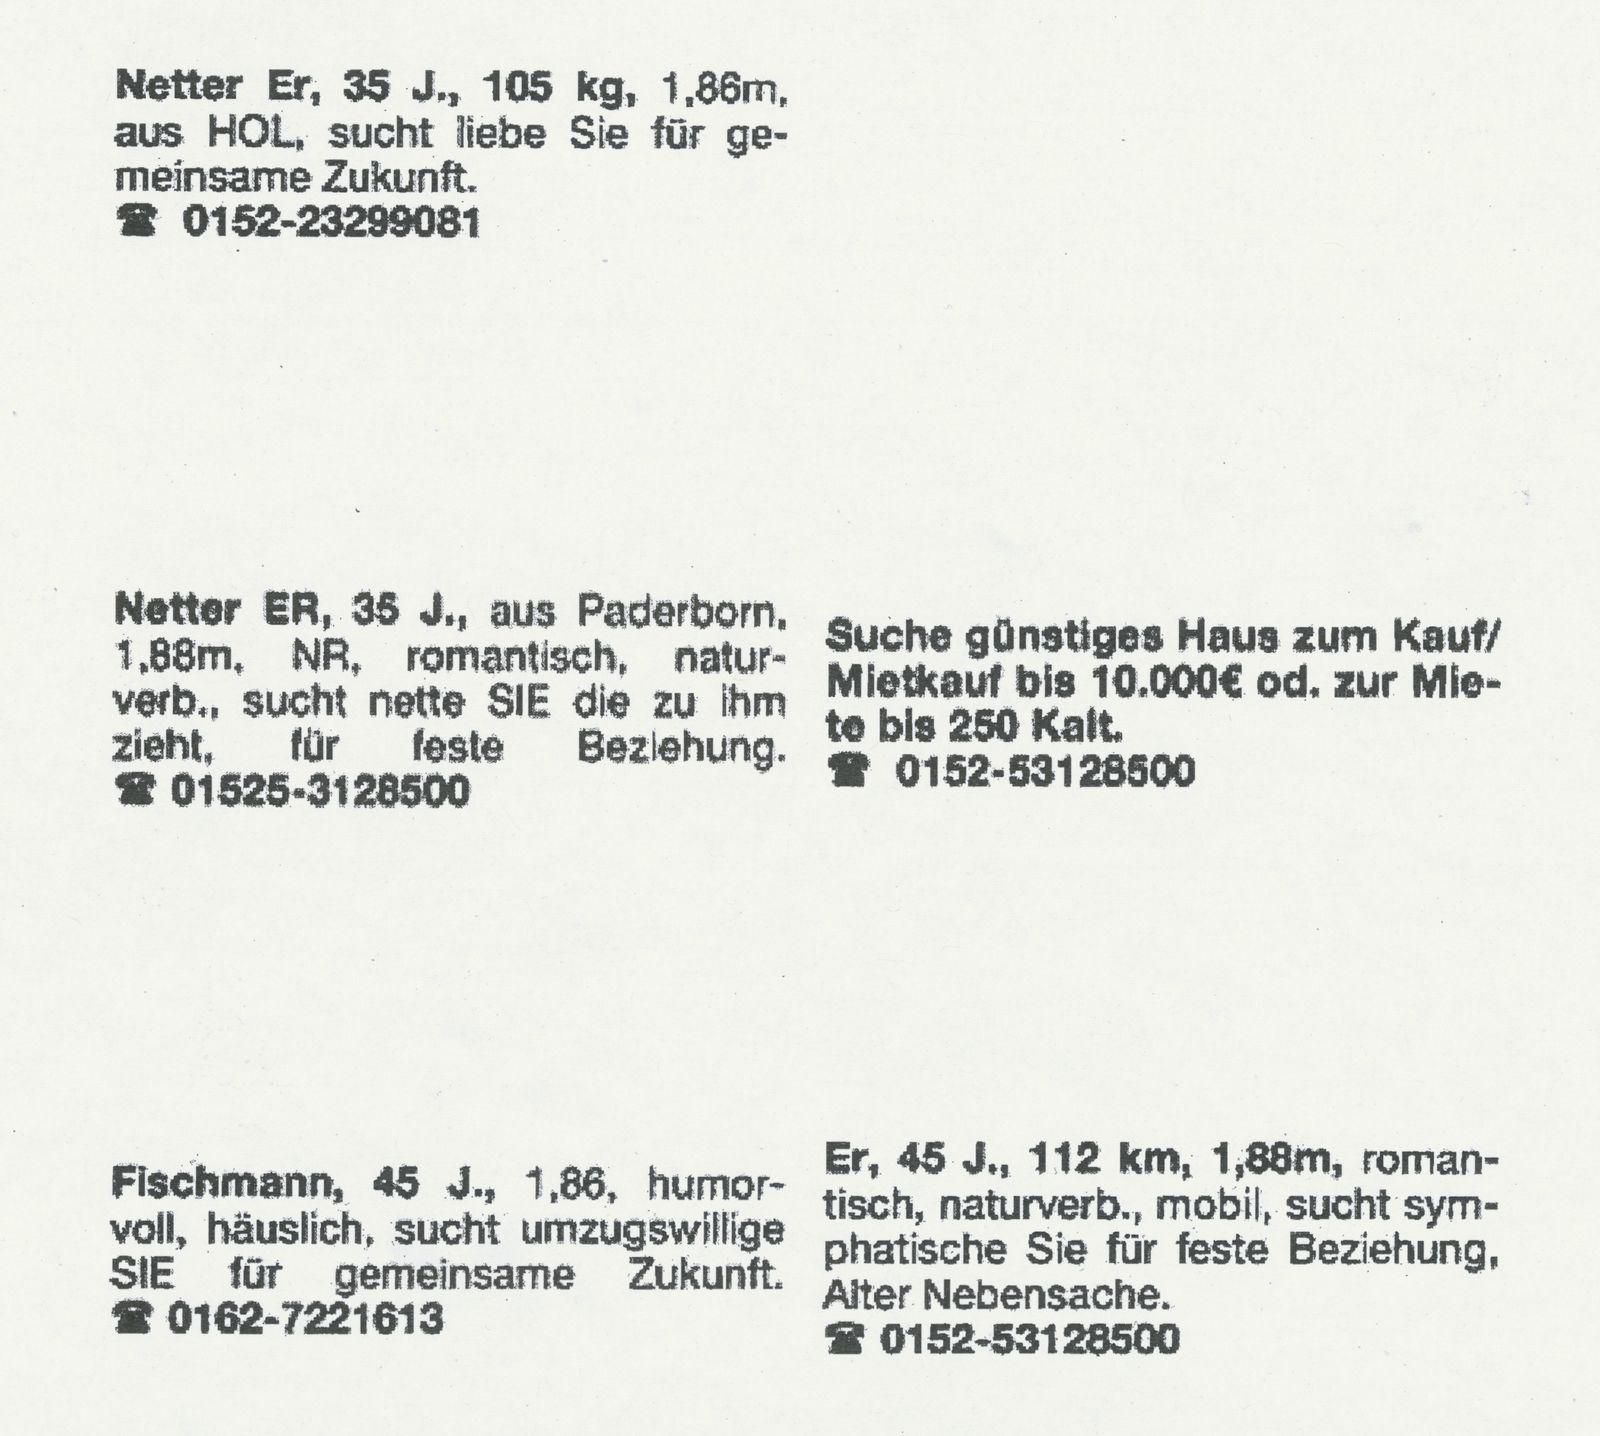 EINMALIGE VERWENDUNG SPIEGEL Plus SP 38/16, S.53 Höxter / Kontaktanzeigen Wilfried W.